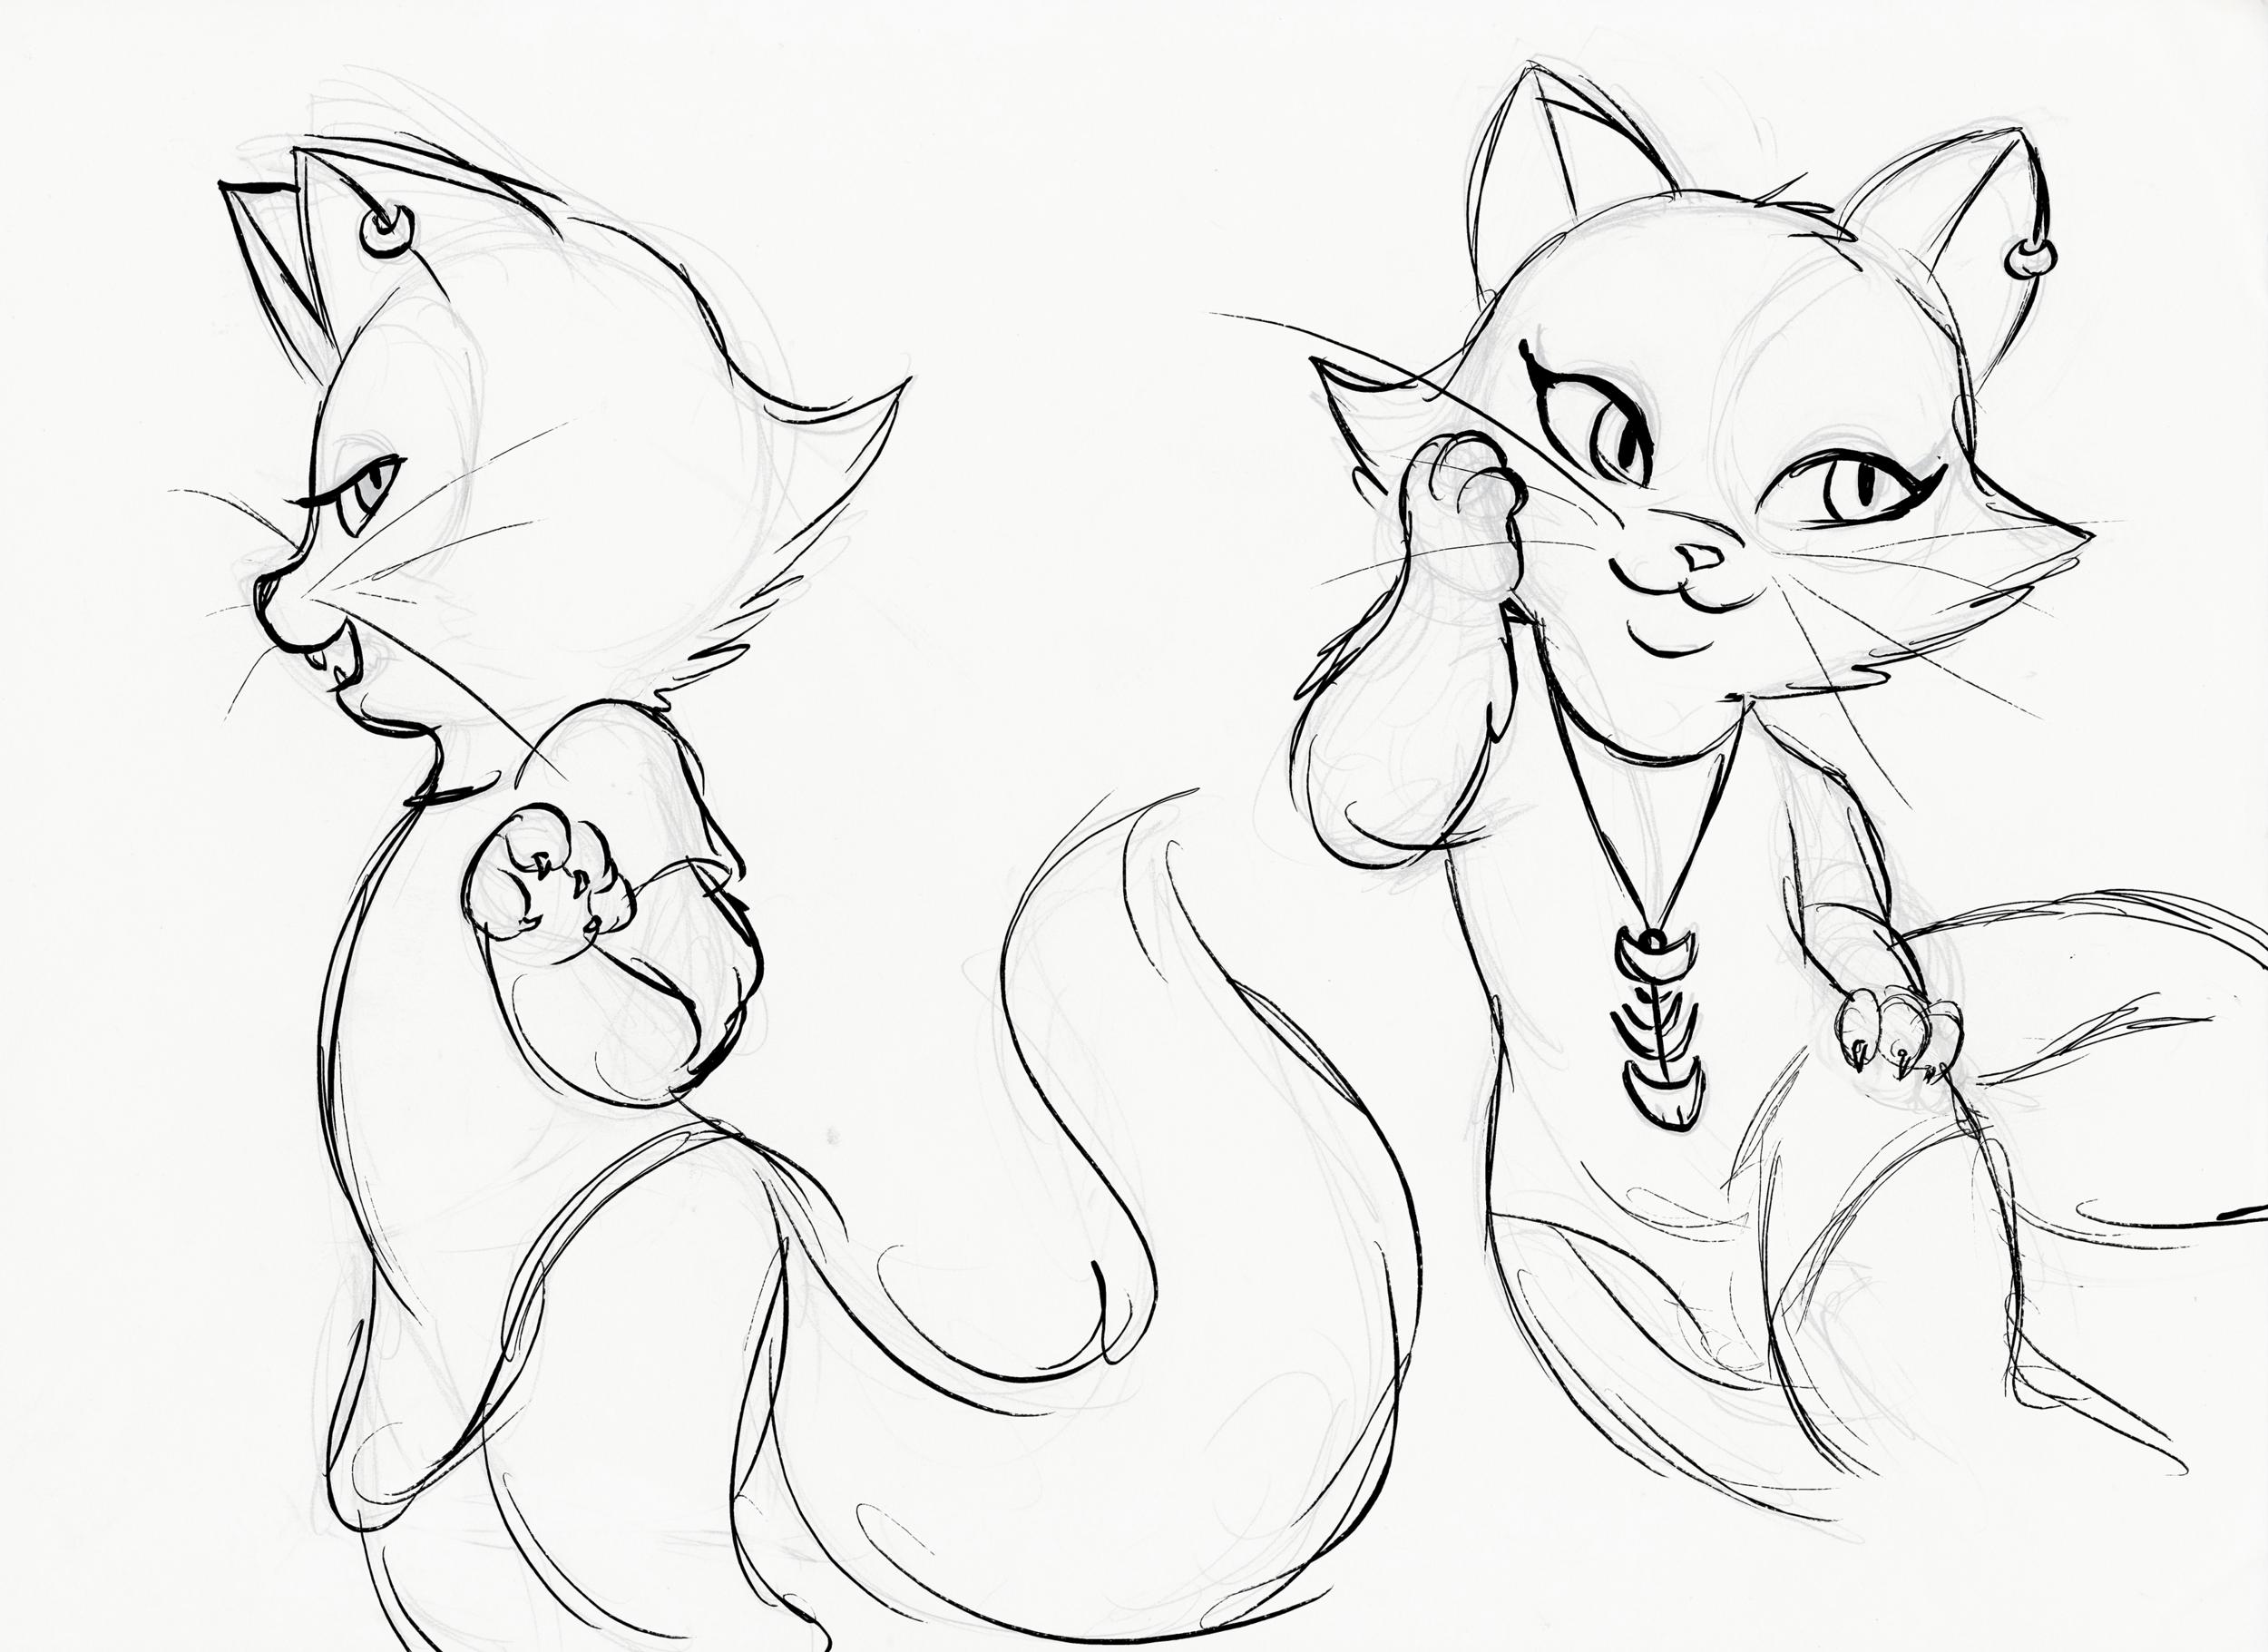 Cat_01.png